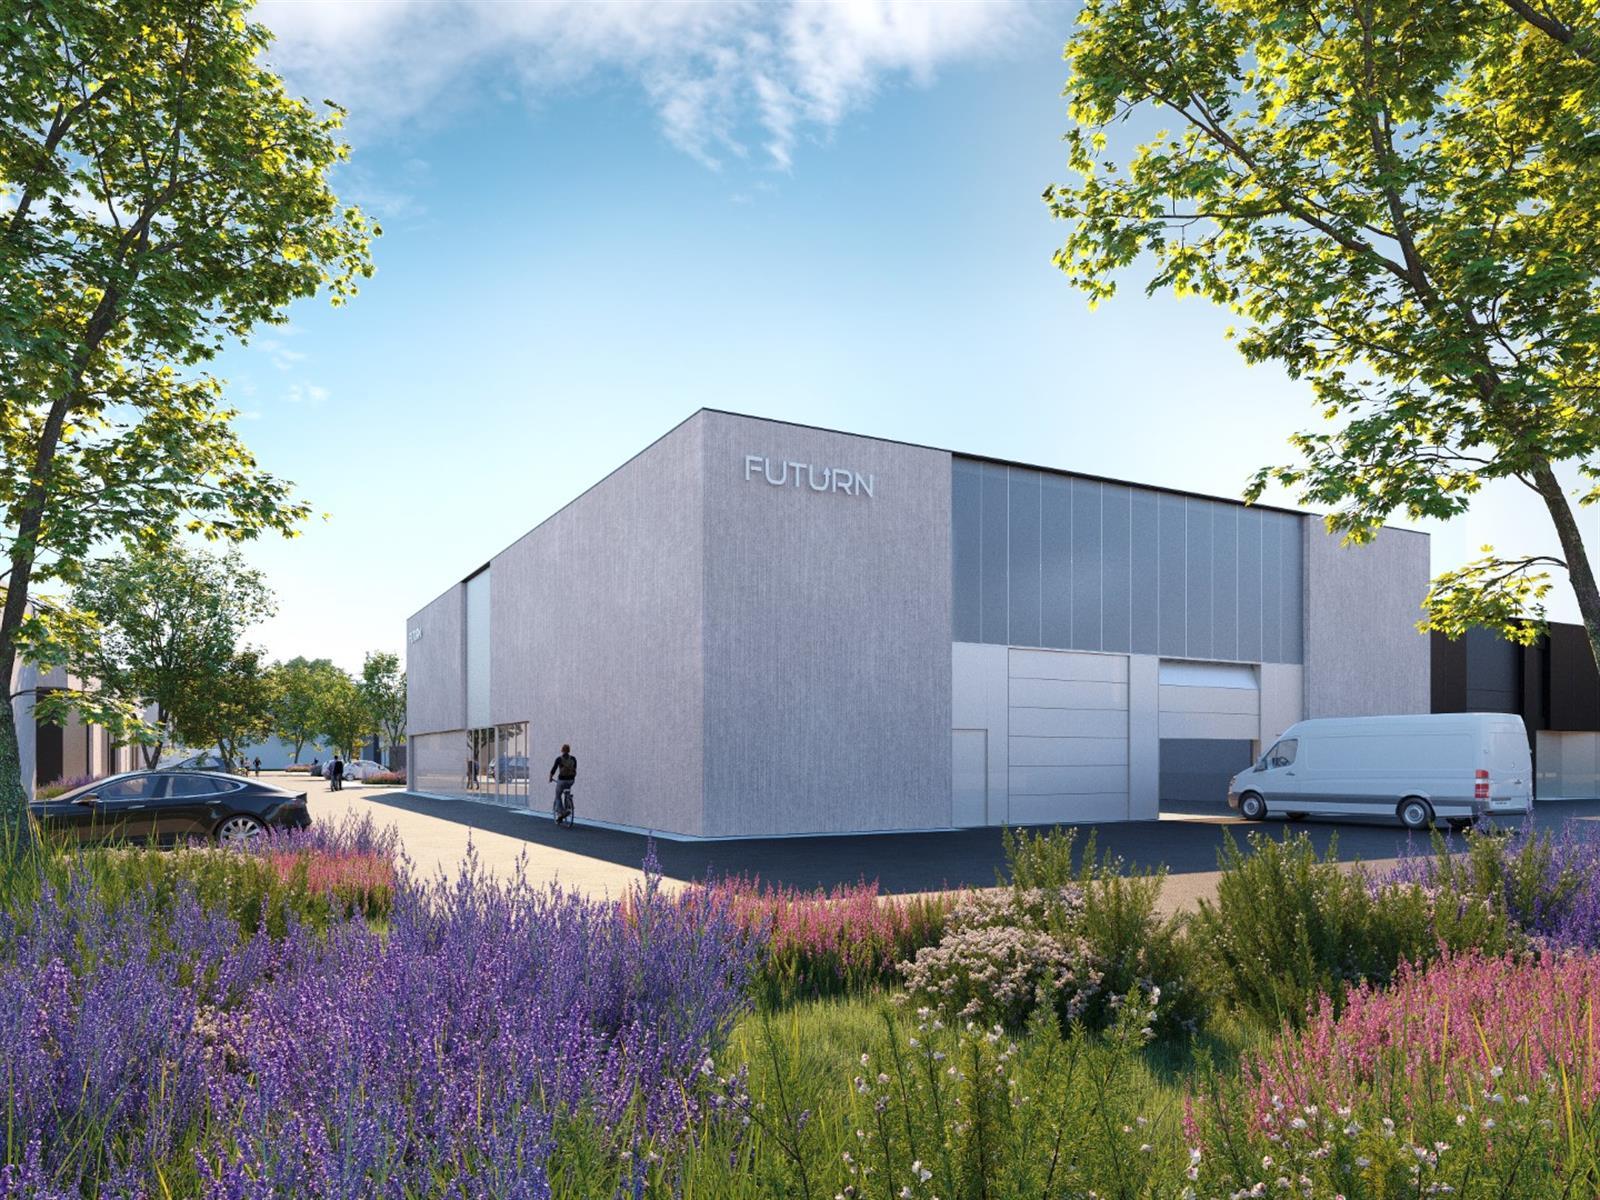 KMO-unit te koop Heros Businesspark KMO Unit 4 - Herkenrodesingel 10, 3500 Hasselt, België 8